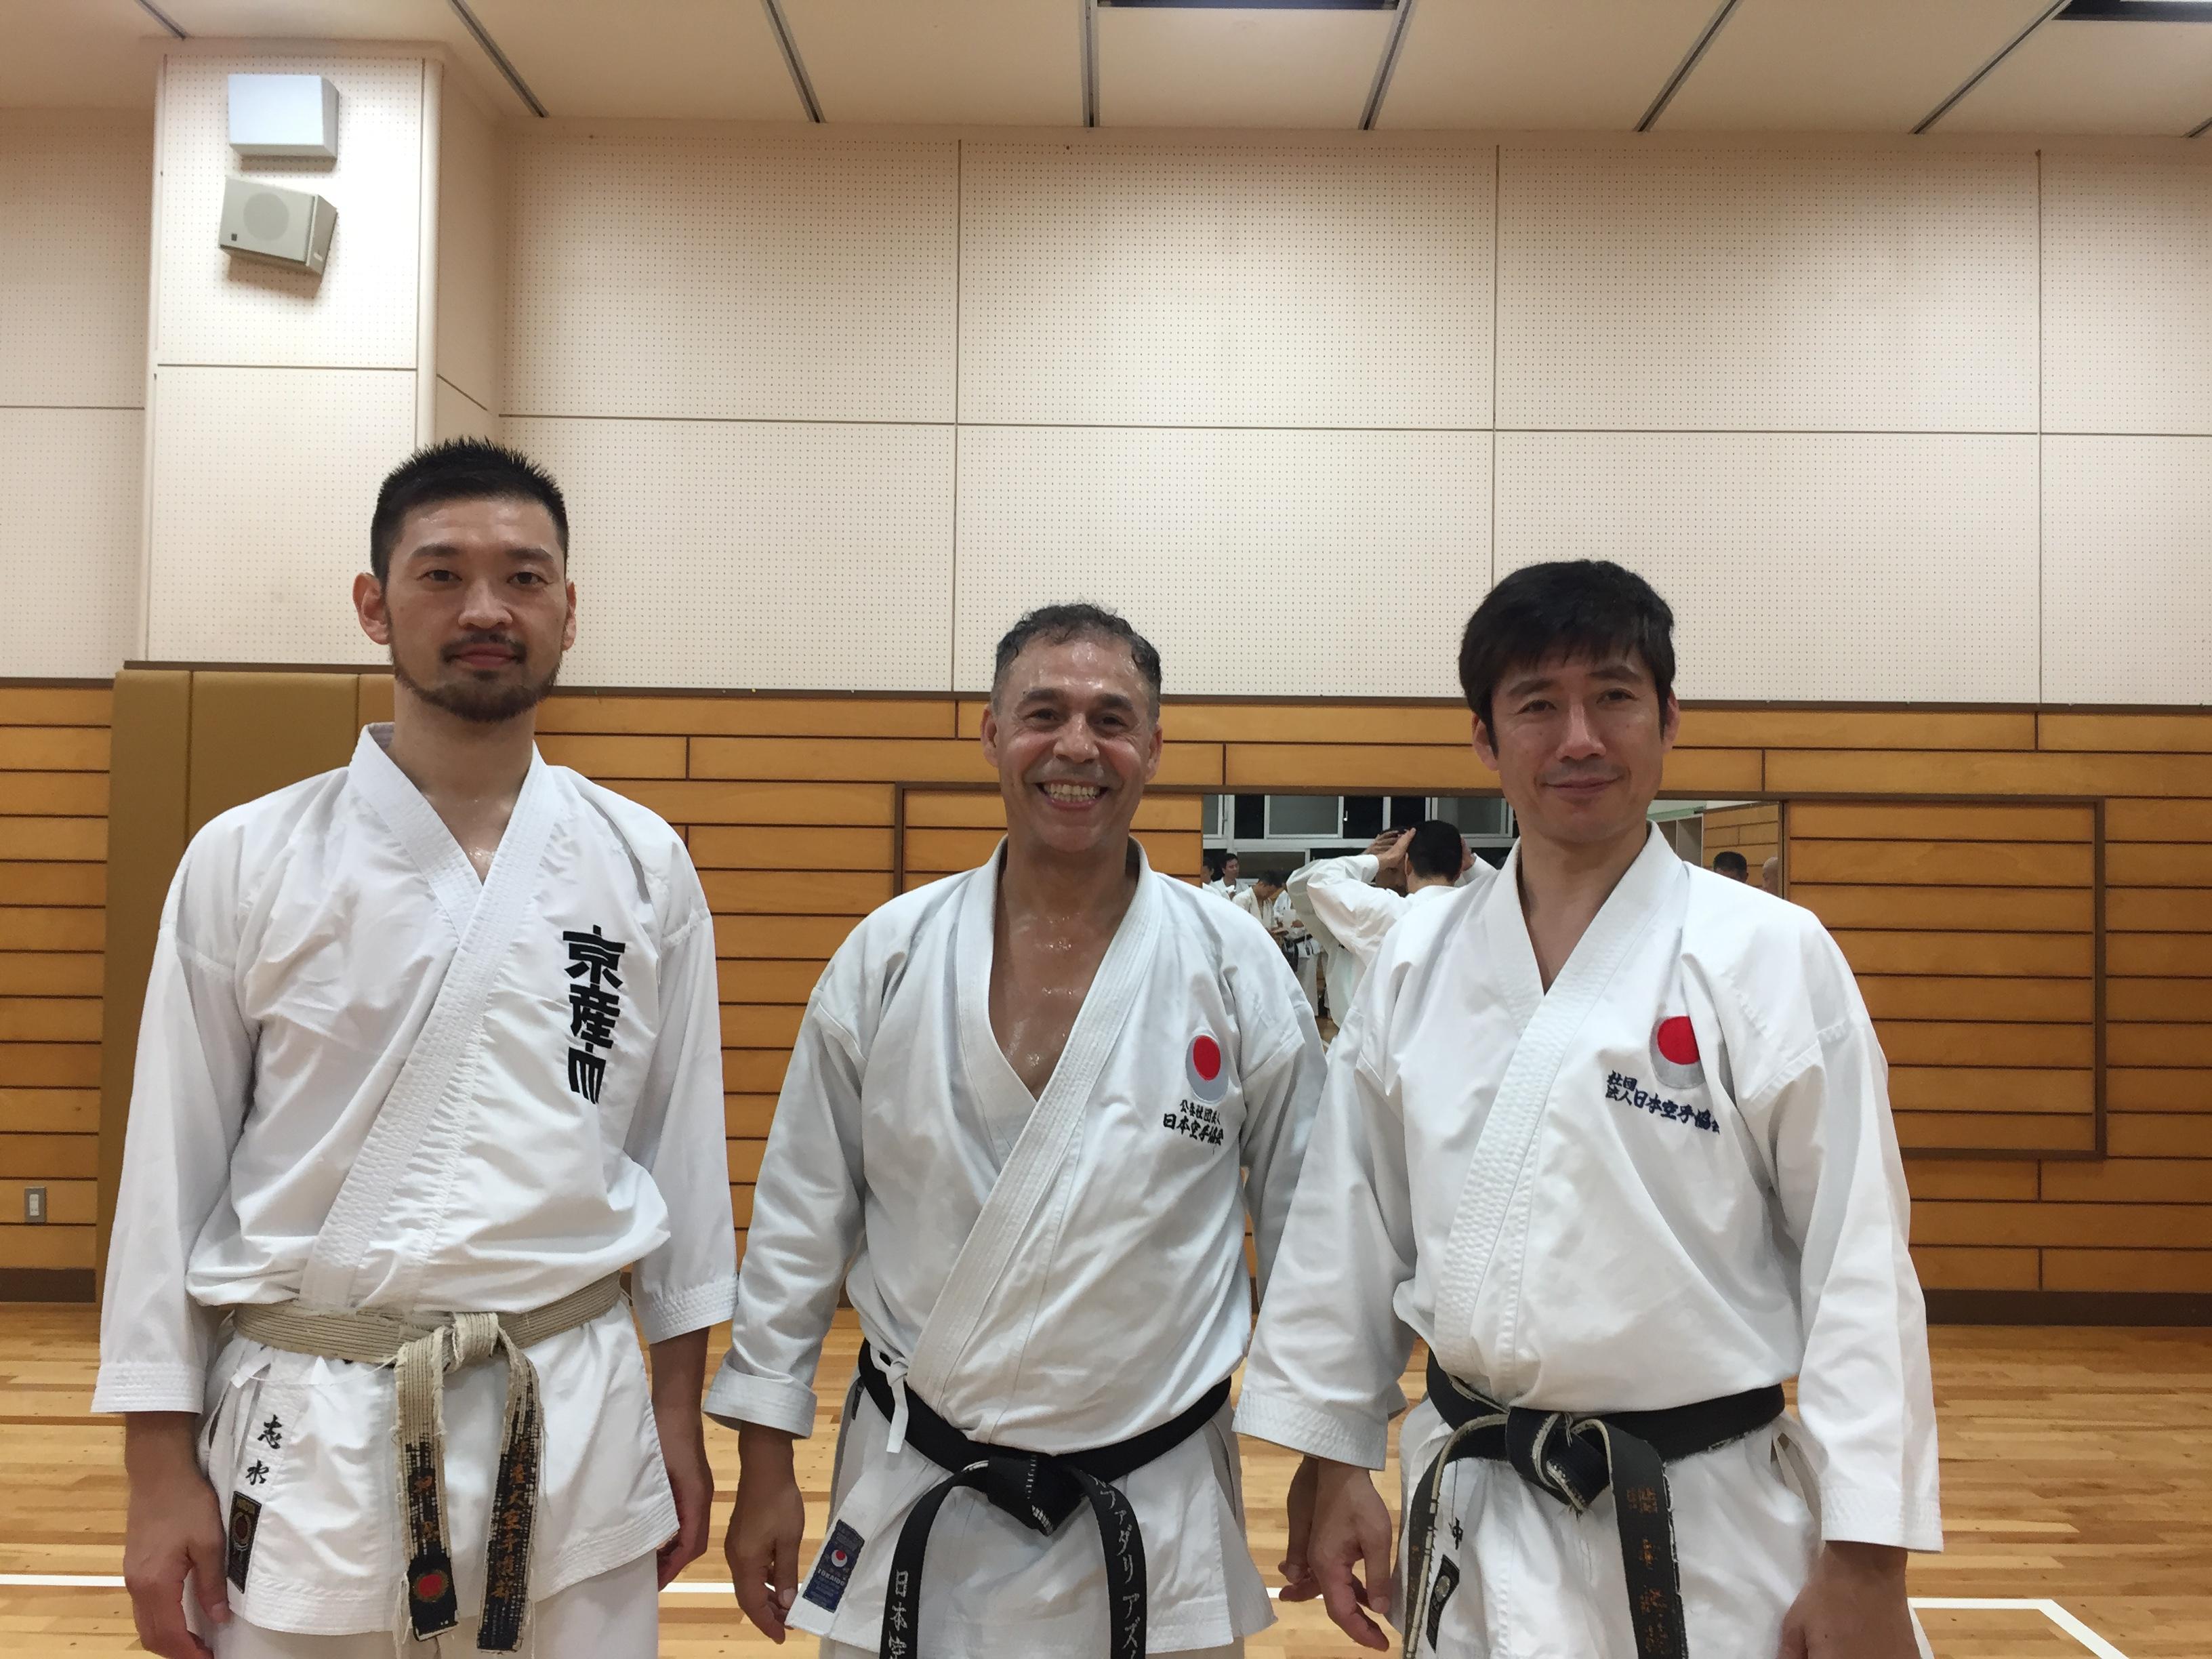 club karate la roche sur yon